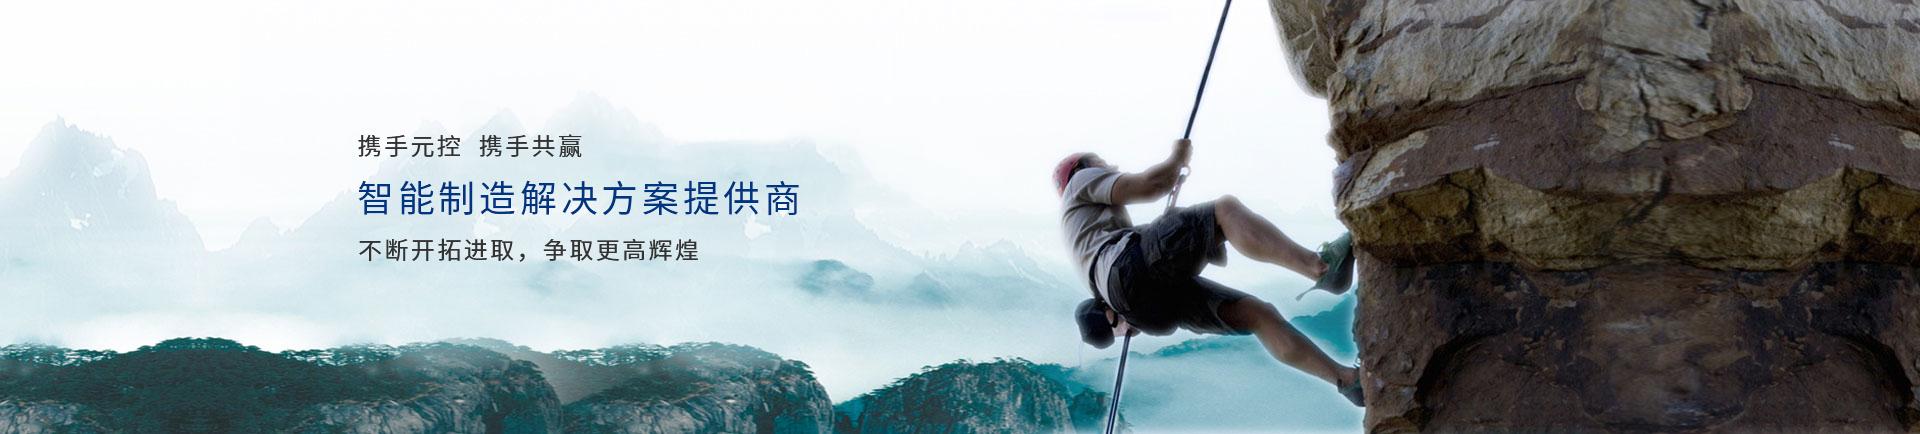 苏州元控自动化设备有限公司